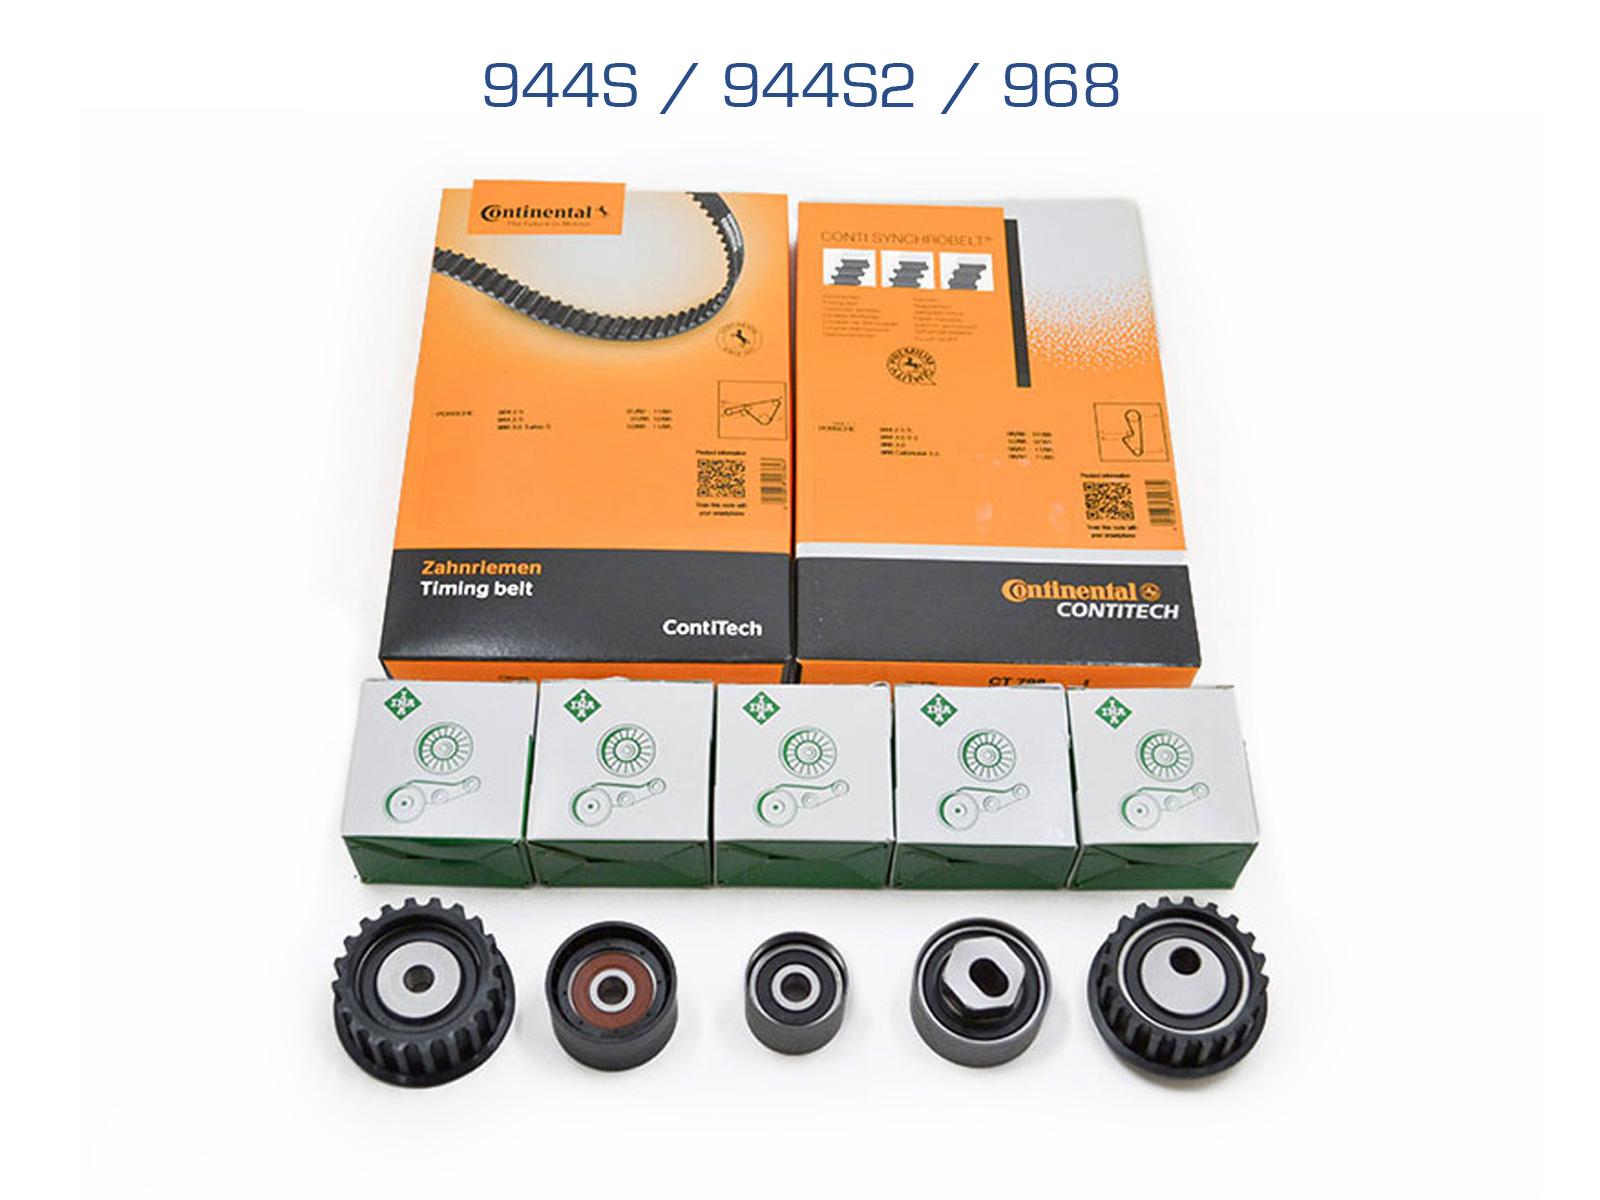 Zahnriemensatz für Porsche 944 S/944S/S2/944S2/968 4-Ventiler